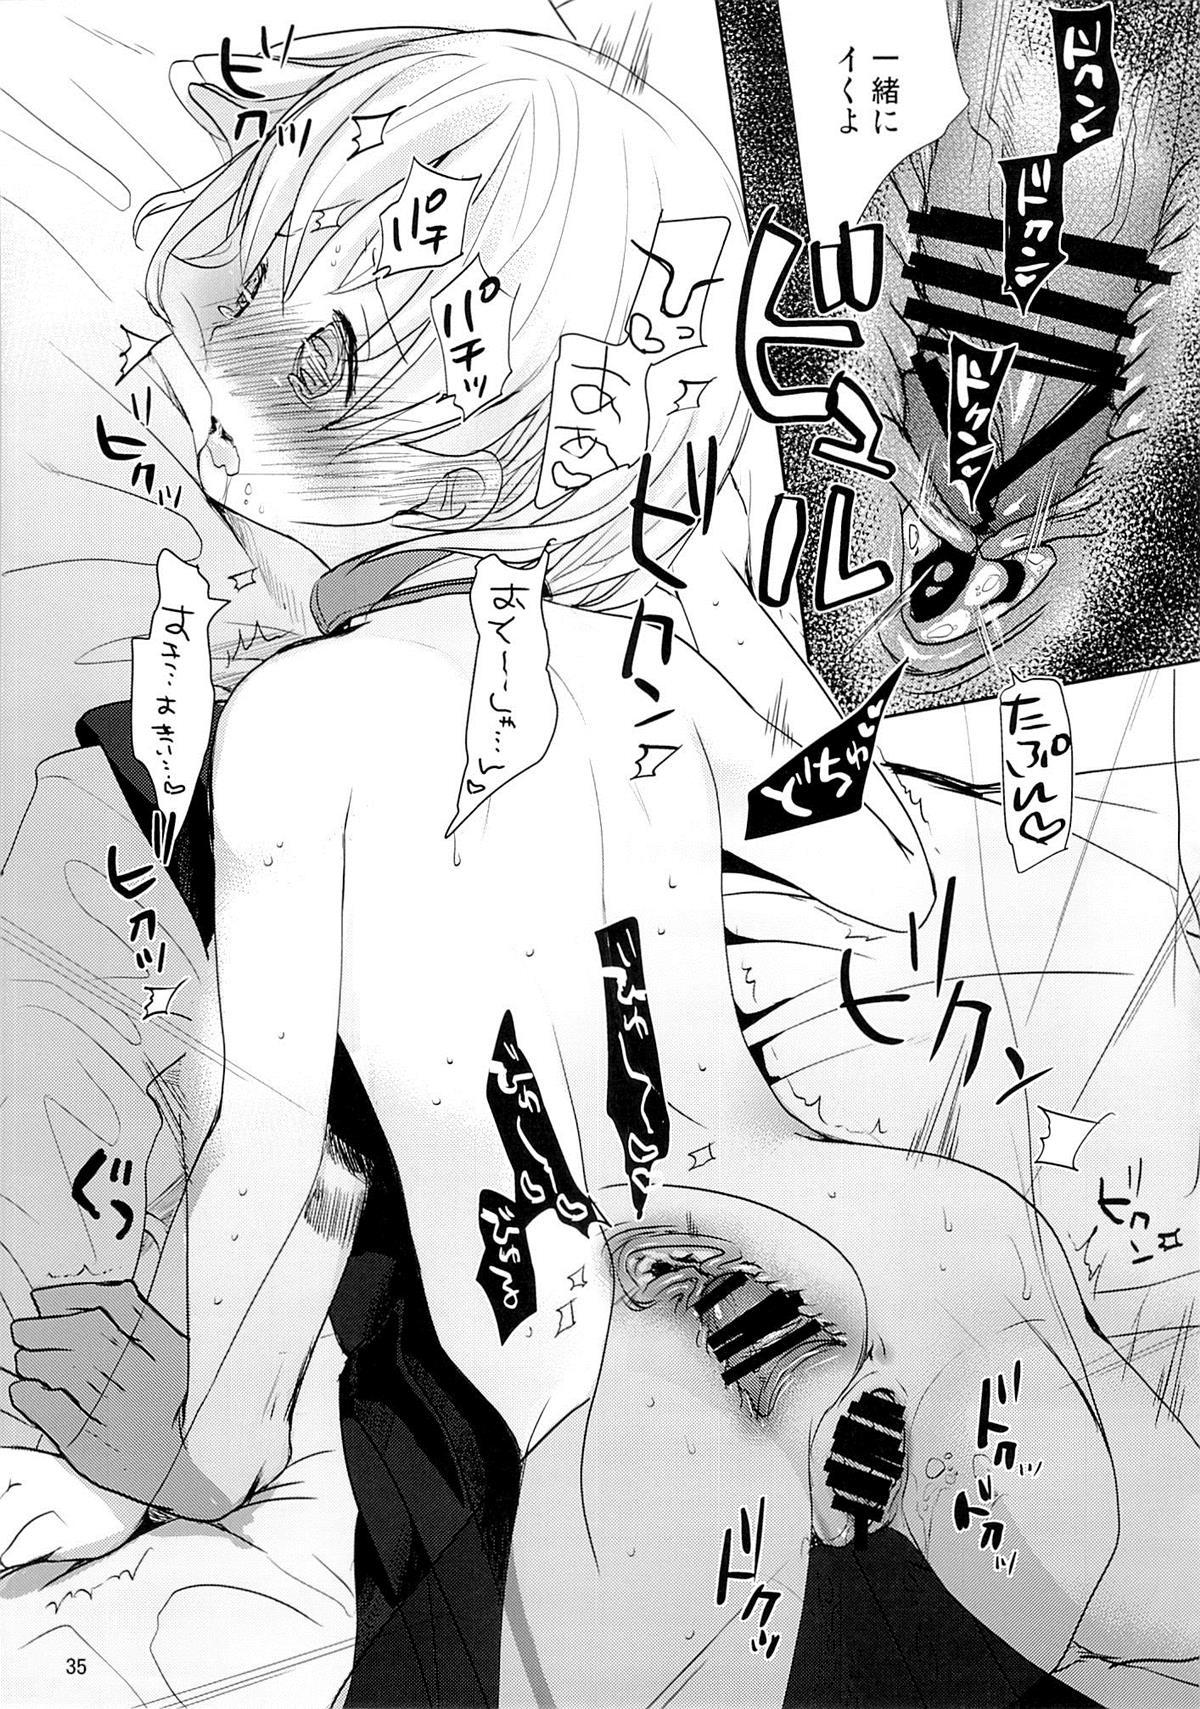 【エロ漫画・エロ同人】妻を亡くした男がロリJSの娘調教してるw入念にマンコほぐして身体開発して近親相姦セックスしてるwww 娘の制服 (34)